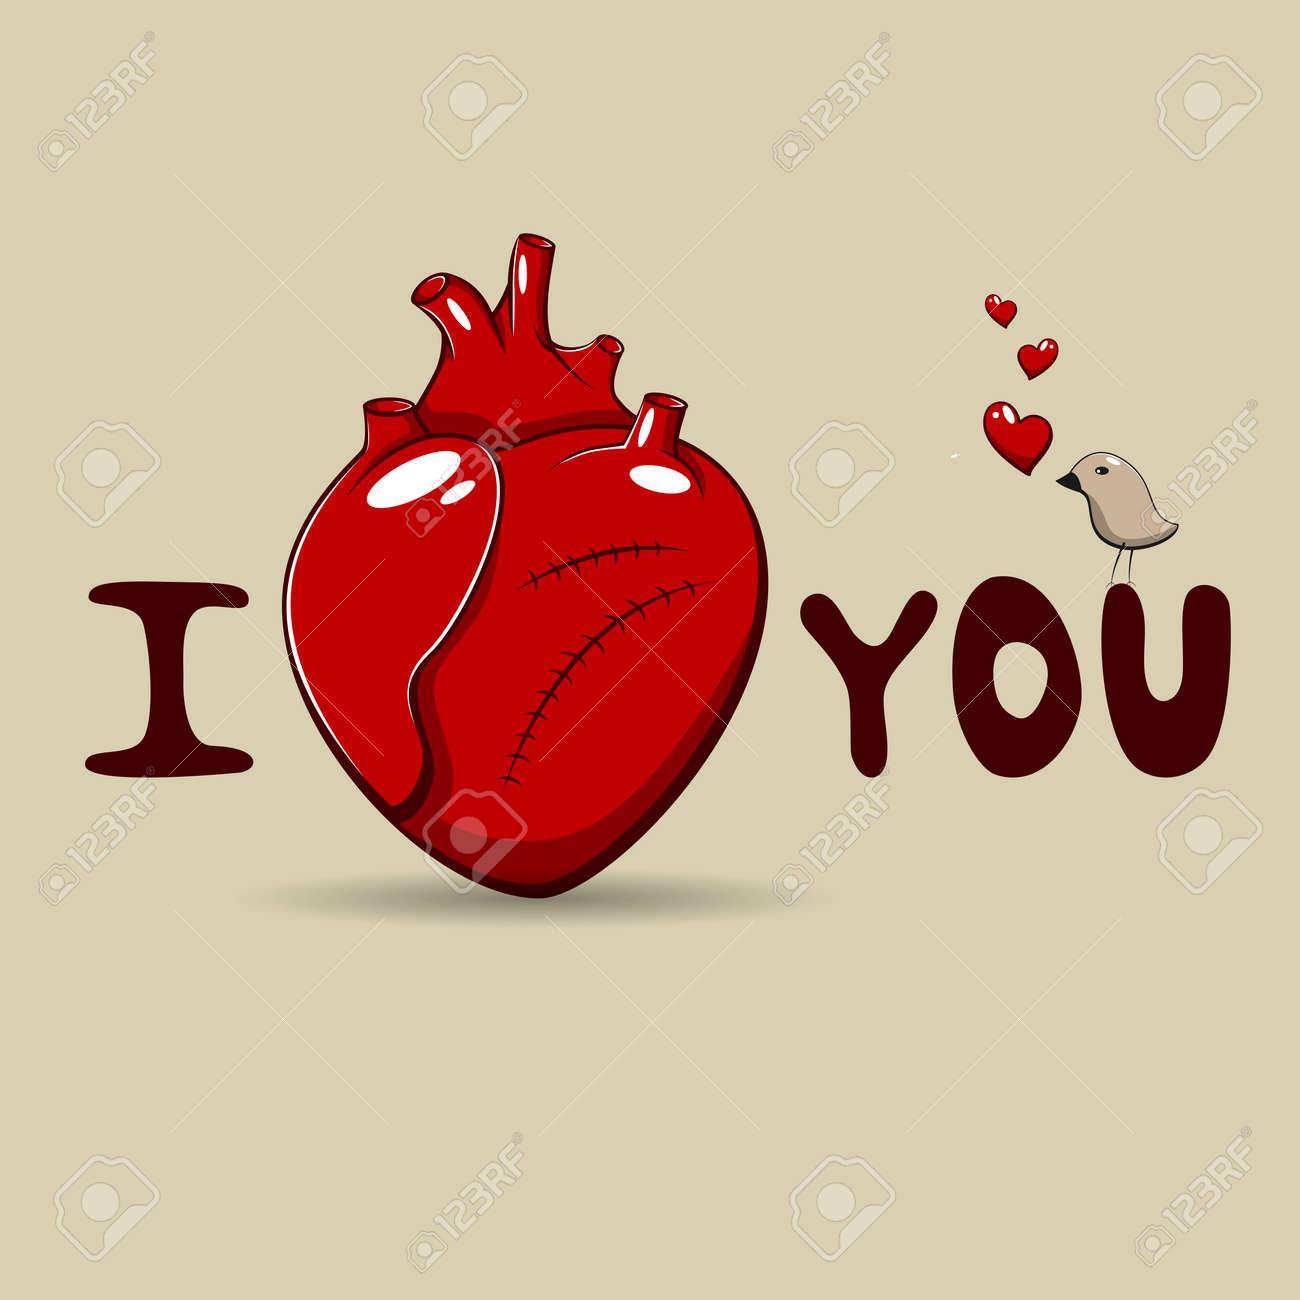 Te Amo Tarjeta De Felicitación Día De San Valentín Ilustraciones ...